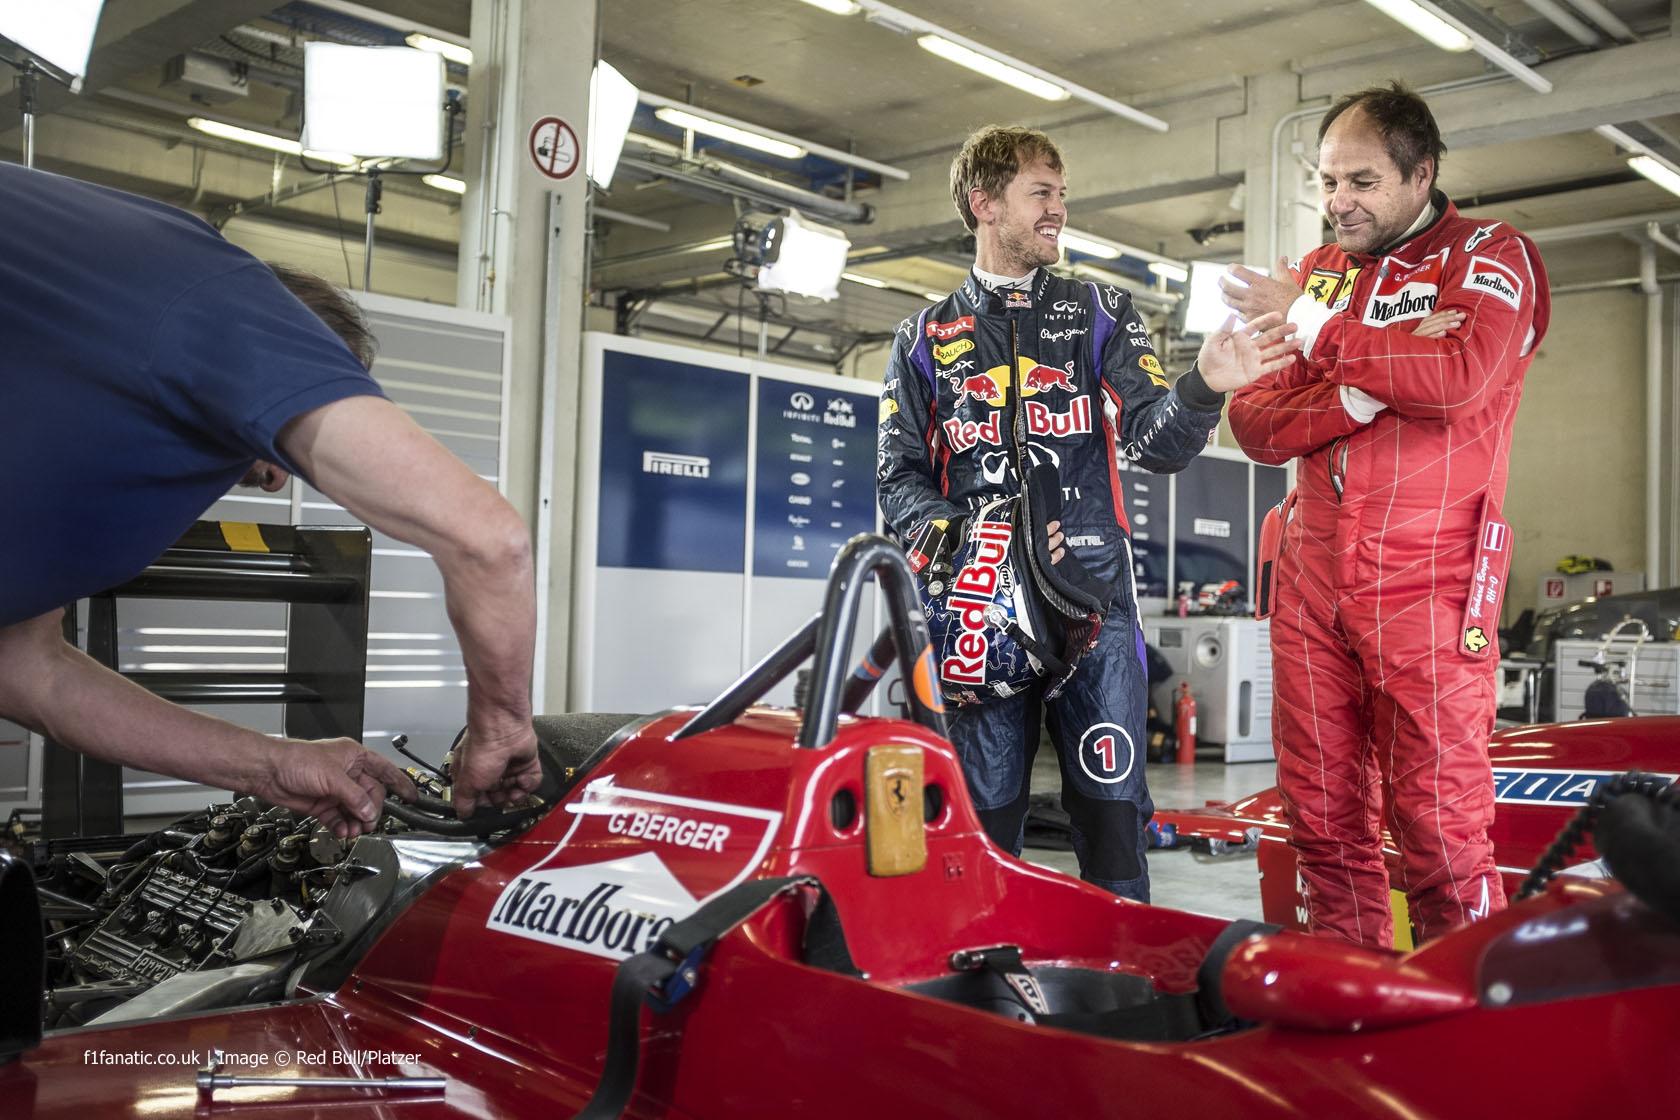 Berger sorpreso e perplesso su Vettel in Ferrari